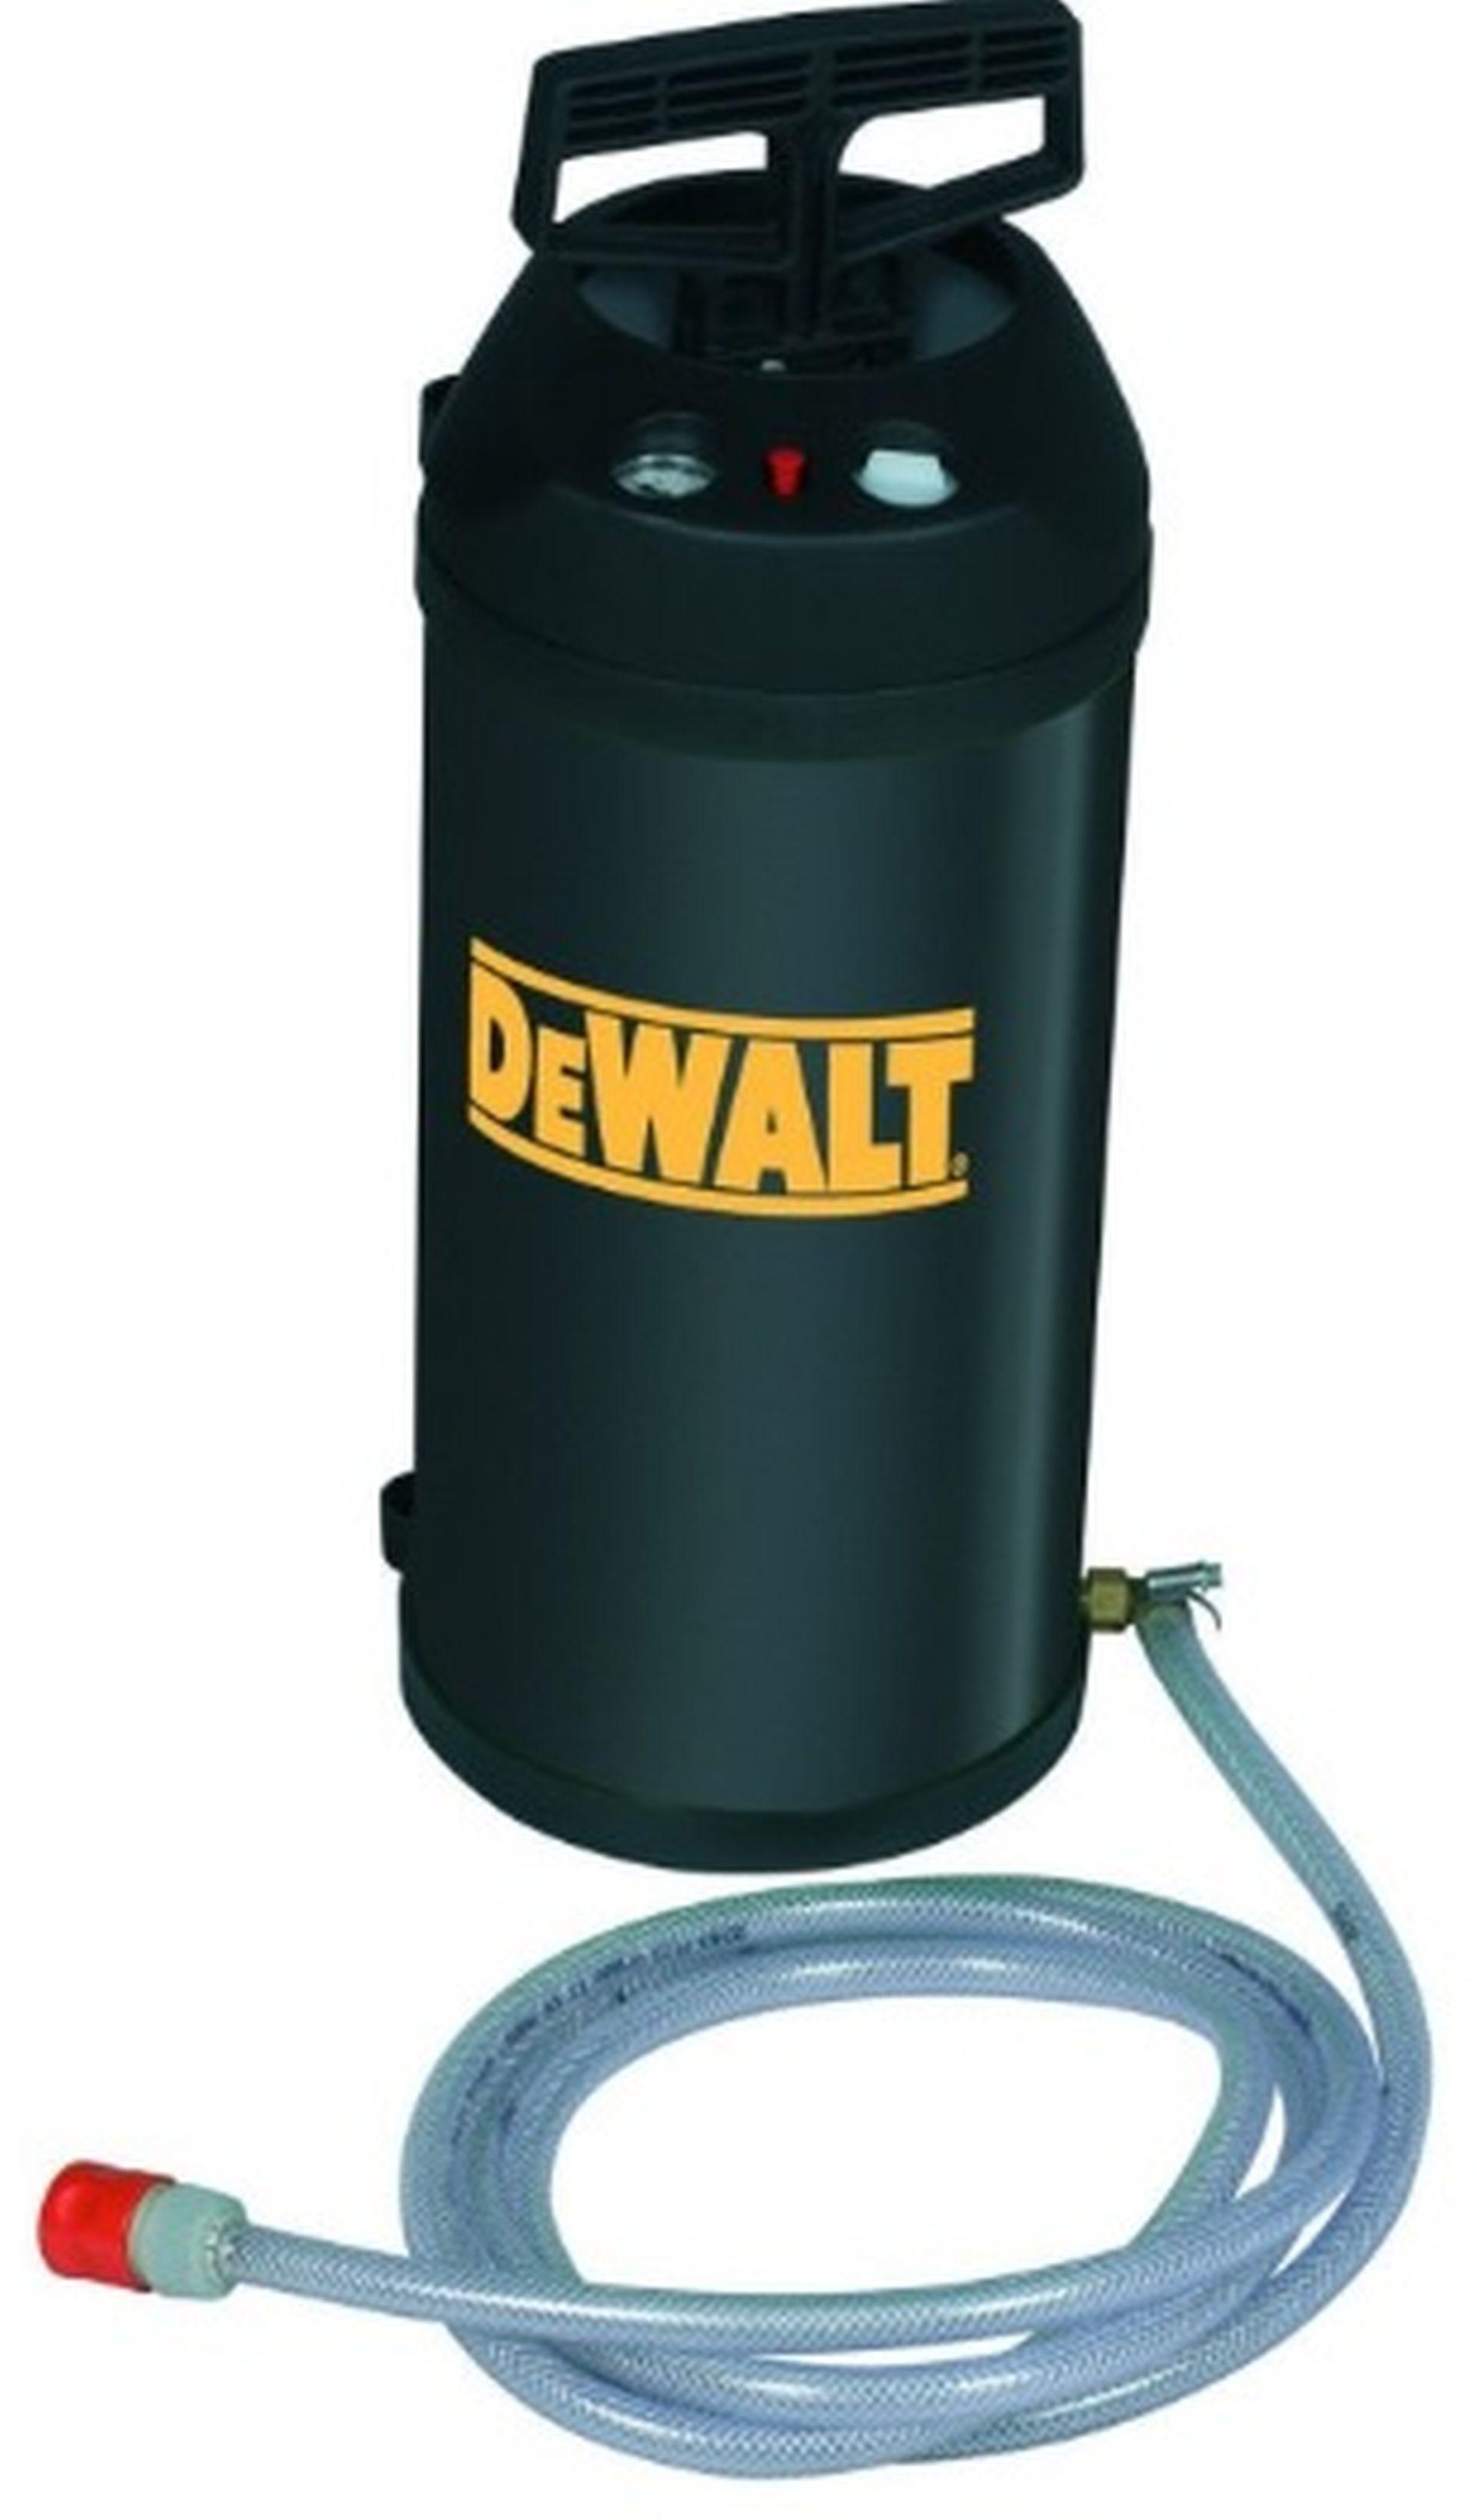 DeWALT D215824 Vodní pumpa ( čerpadlo ) 10 litrů pro vrtačky na mokré vrtání